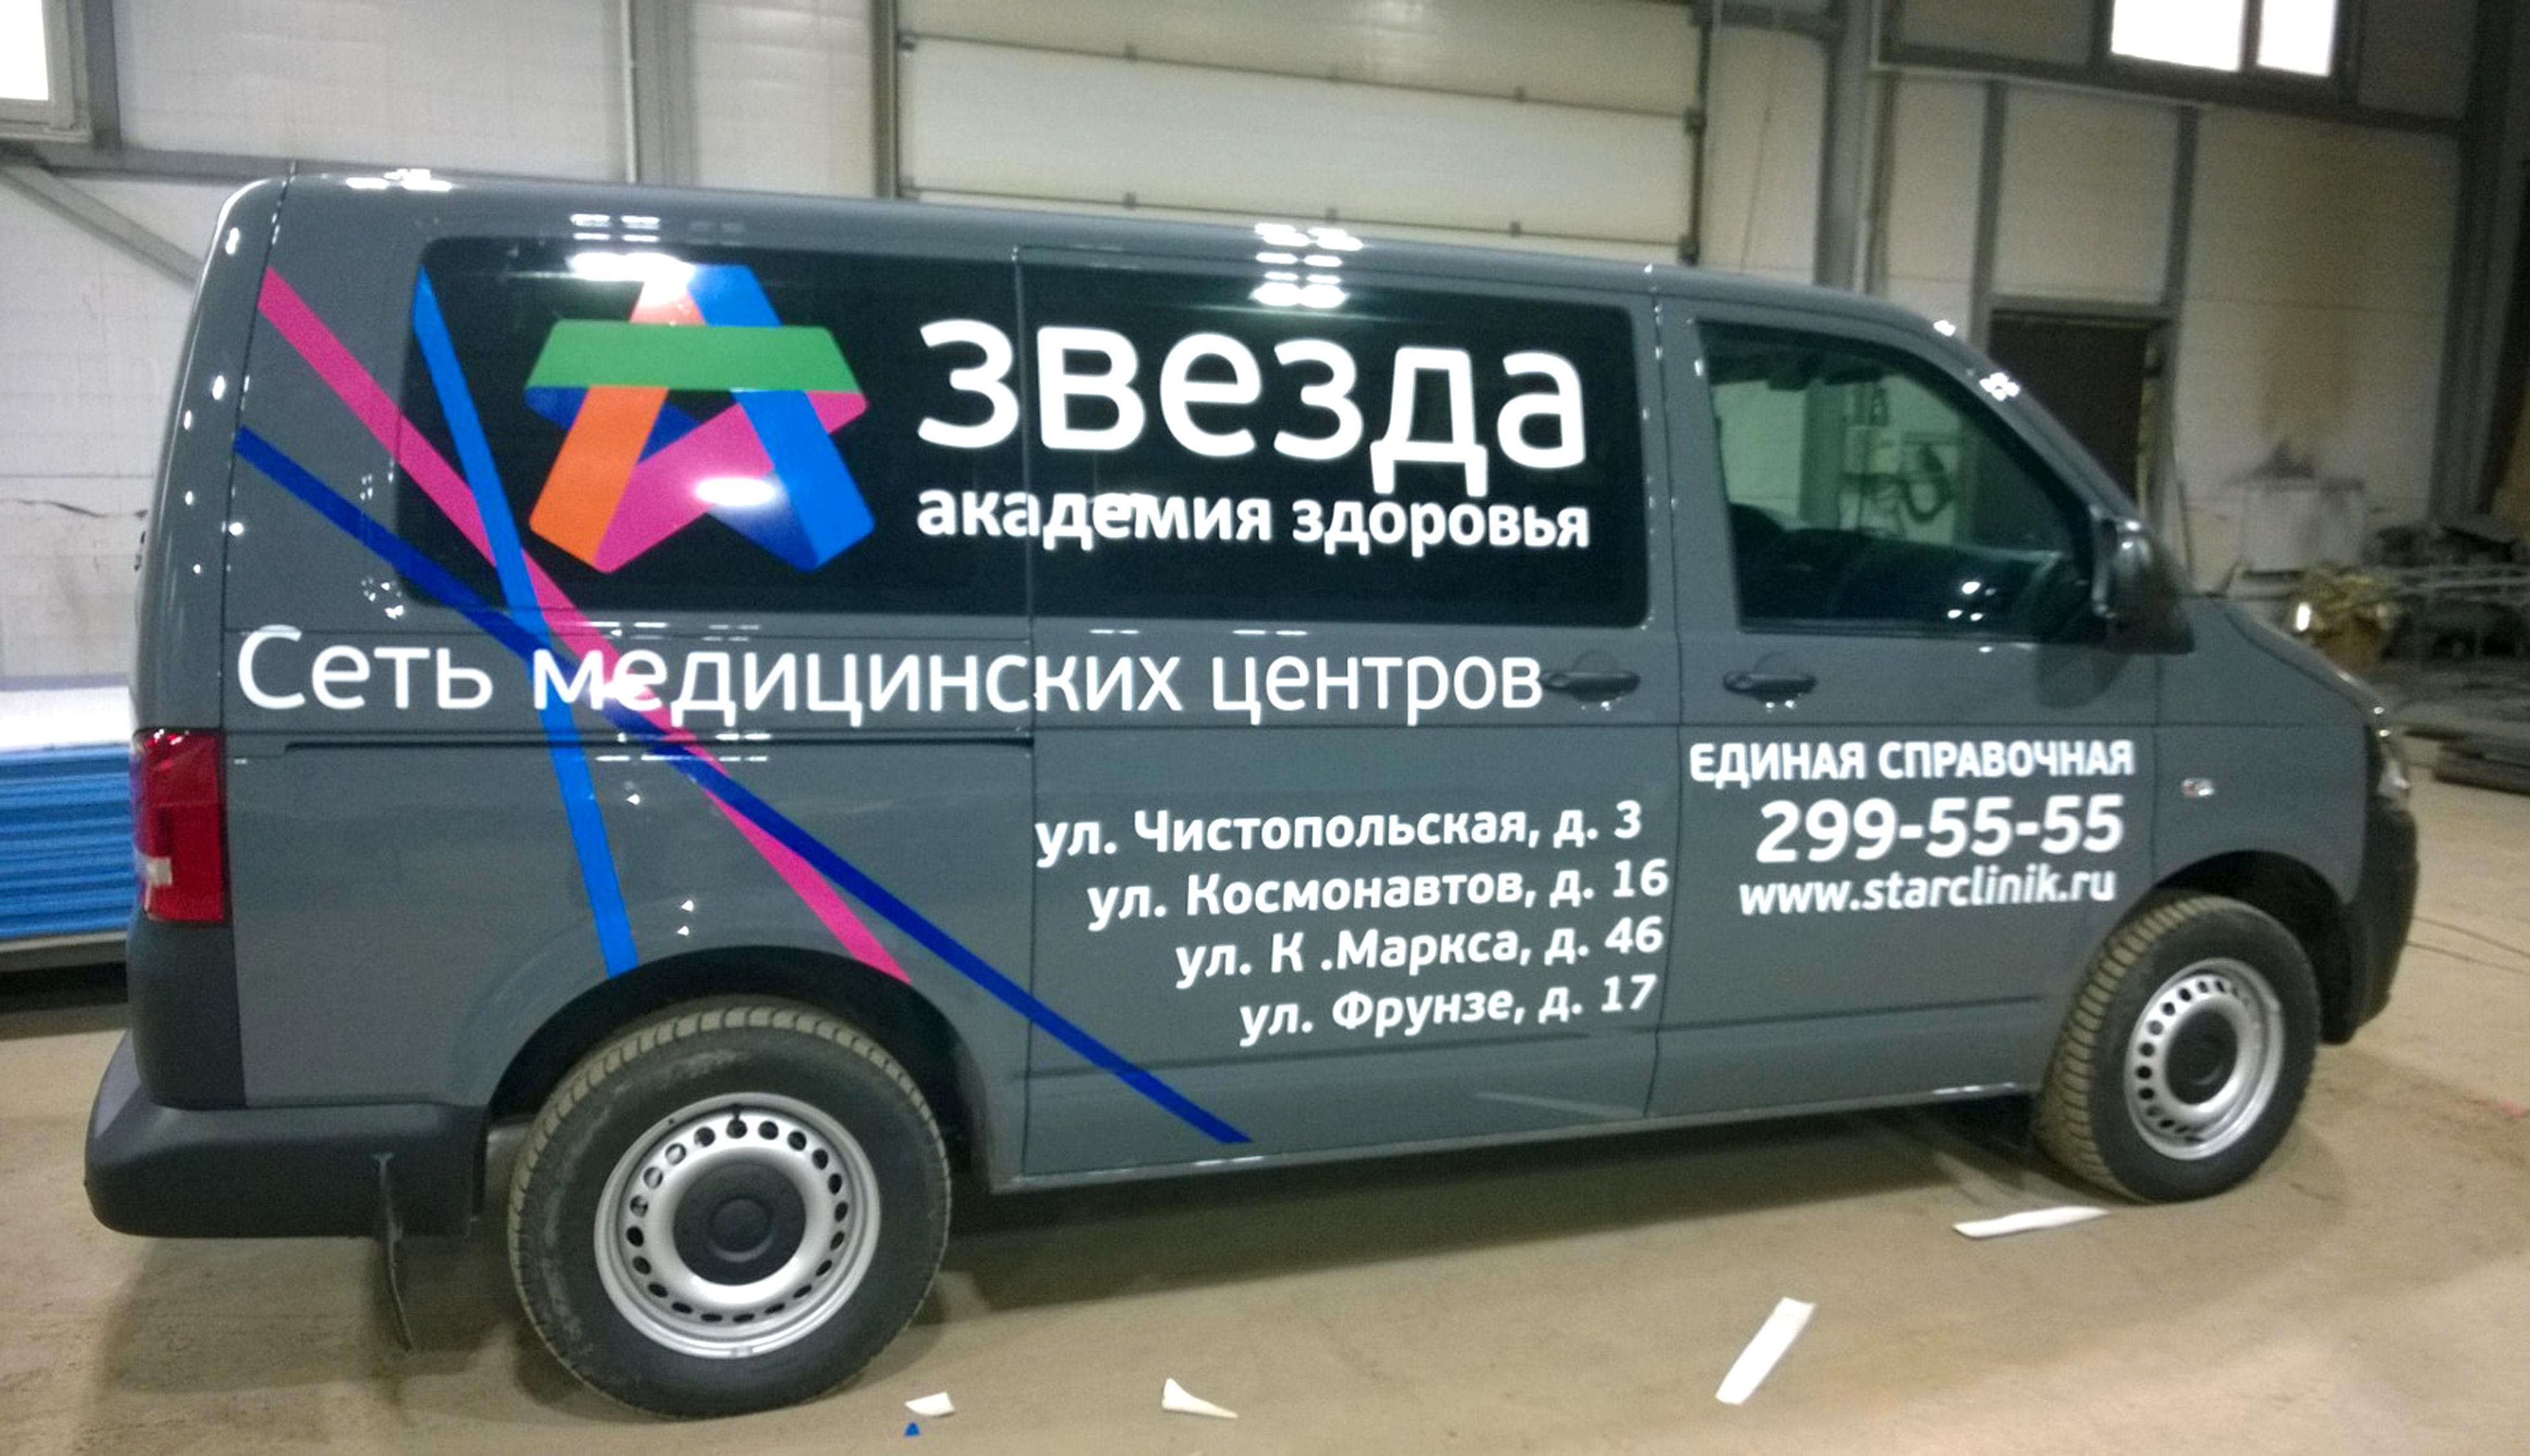 Оформление машин для аптеки «36,6» и сети медицинских центров «Академия здоровья «Звезда»